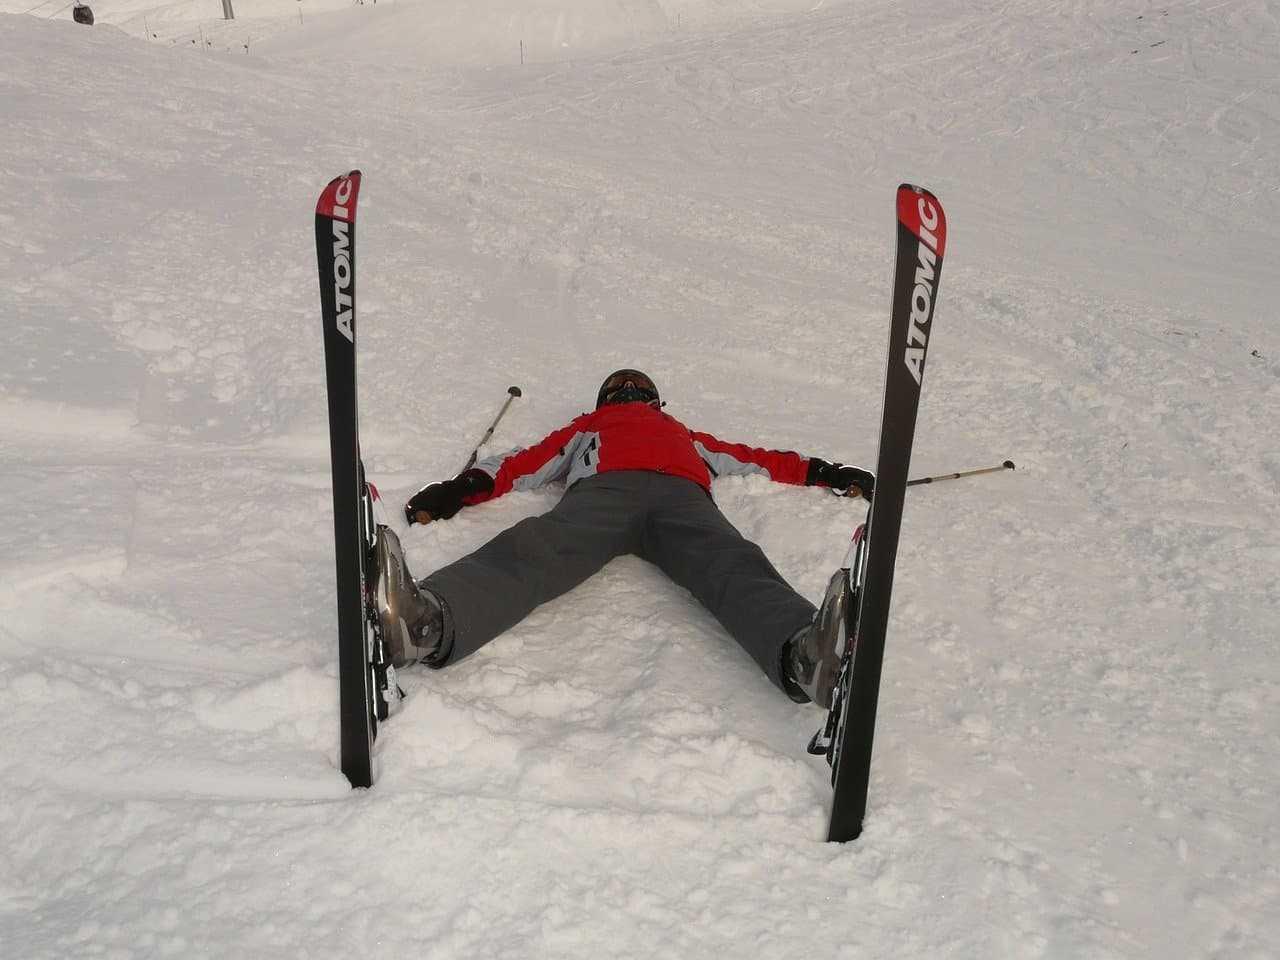 OC sportowe na narty – czy musi je posiadać każdy narciarz?